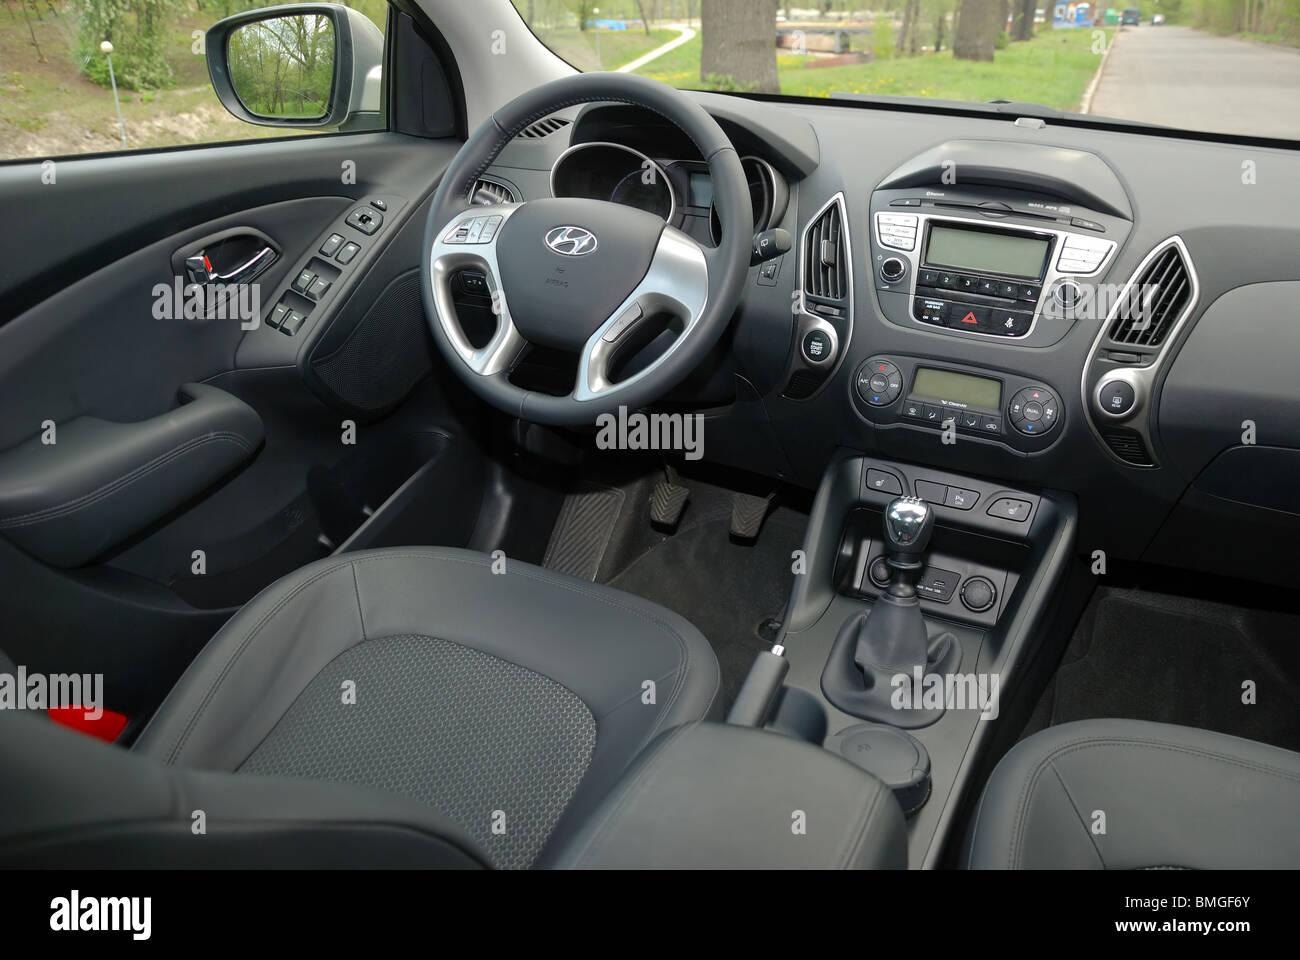 https://c8.alamy.com/compde/bmgf6y/hyundai-ix35-20-crdi-4-x-4-meine-2010-beige-metallic-koreanische-beliebten-kompakt-suv-interieur-cockpit-armaturenbrett-konsole-bmgf6y.jpg